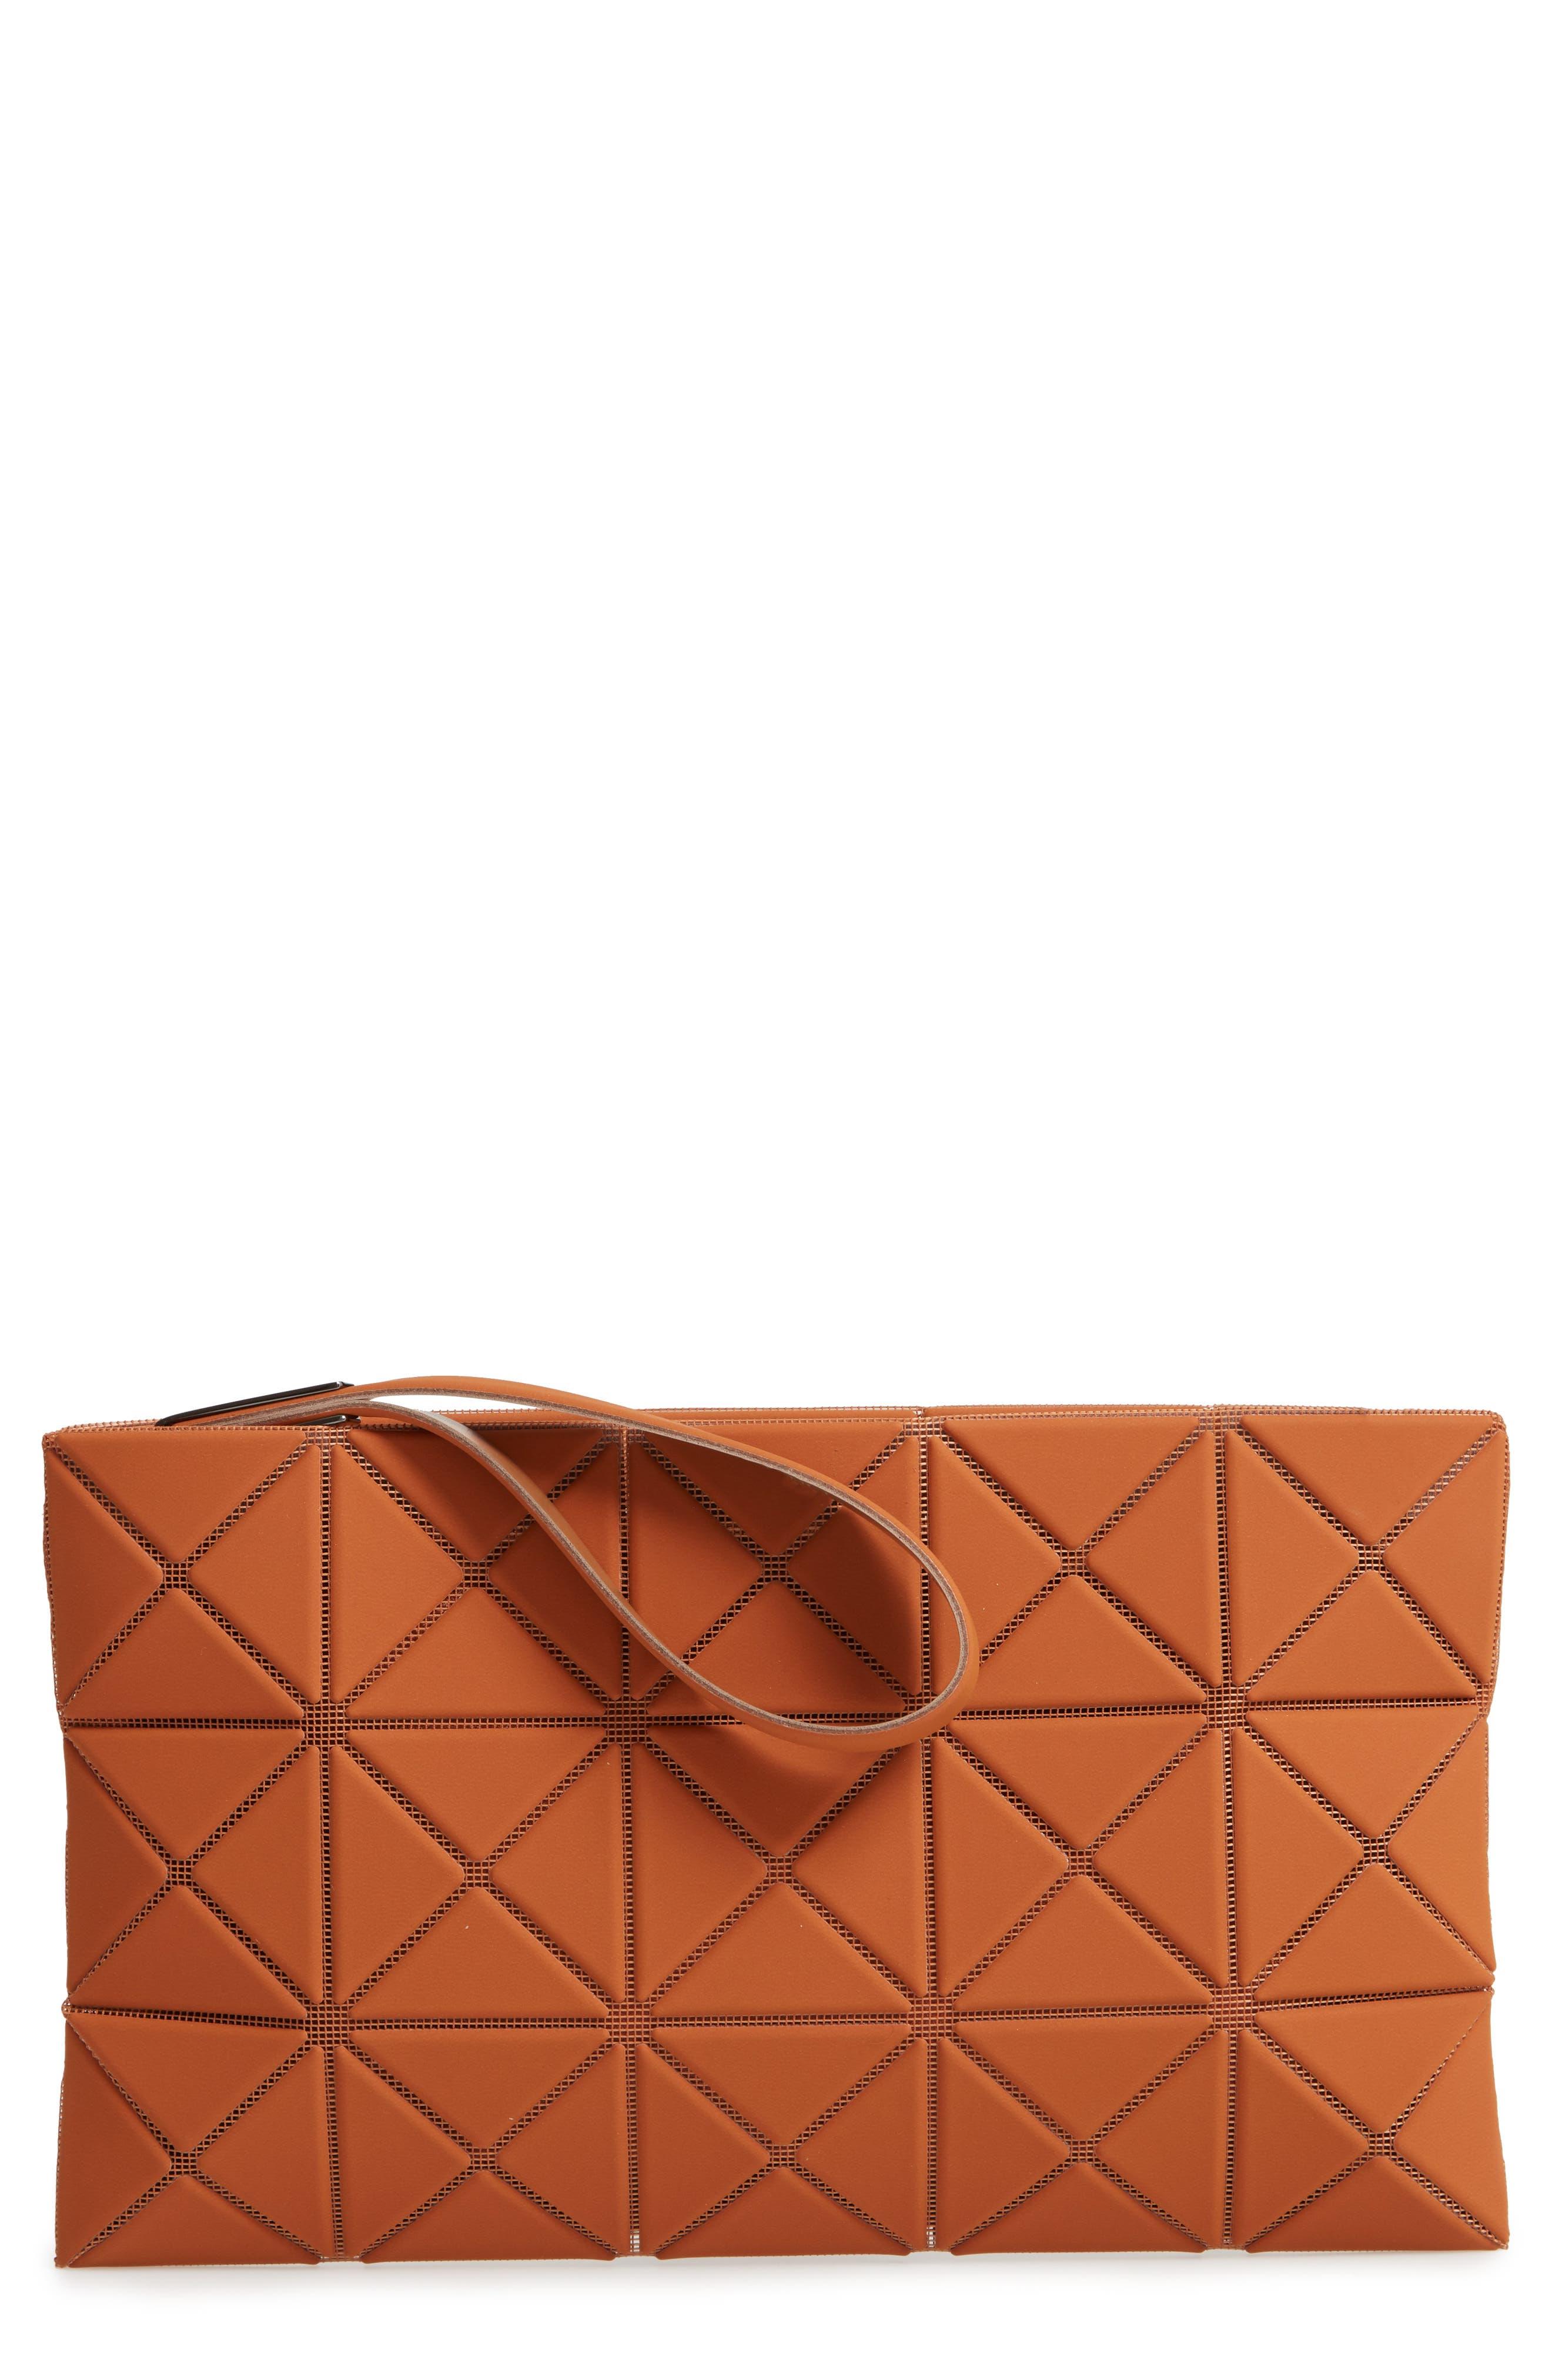 Lucent Faux Leather Wristlet,                         Main,                         color, CAMEL